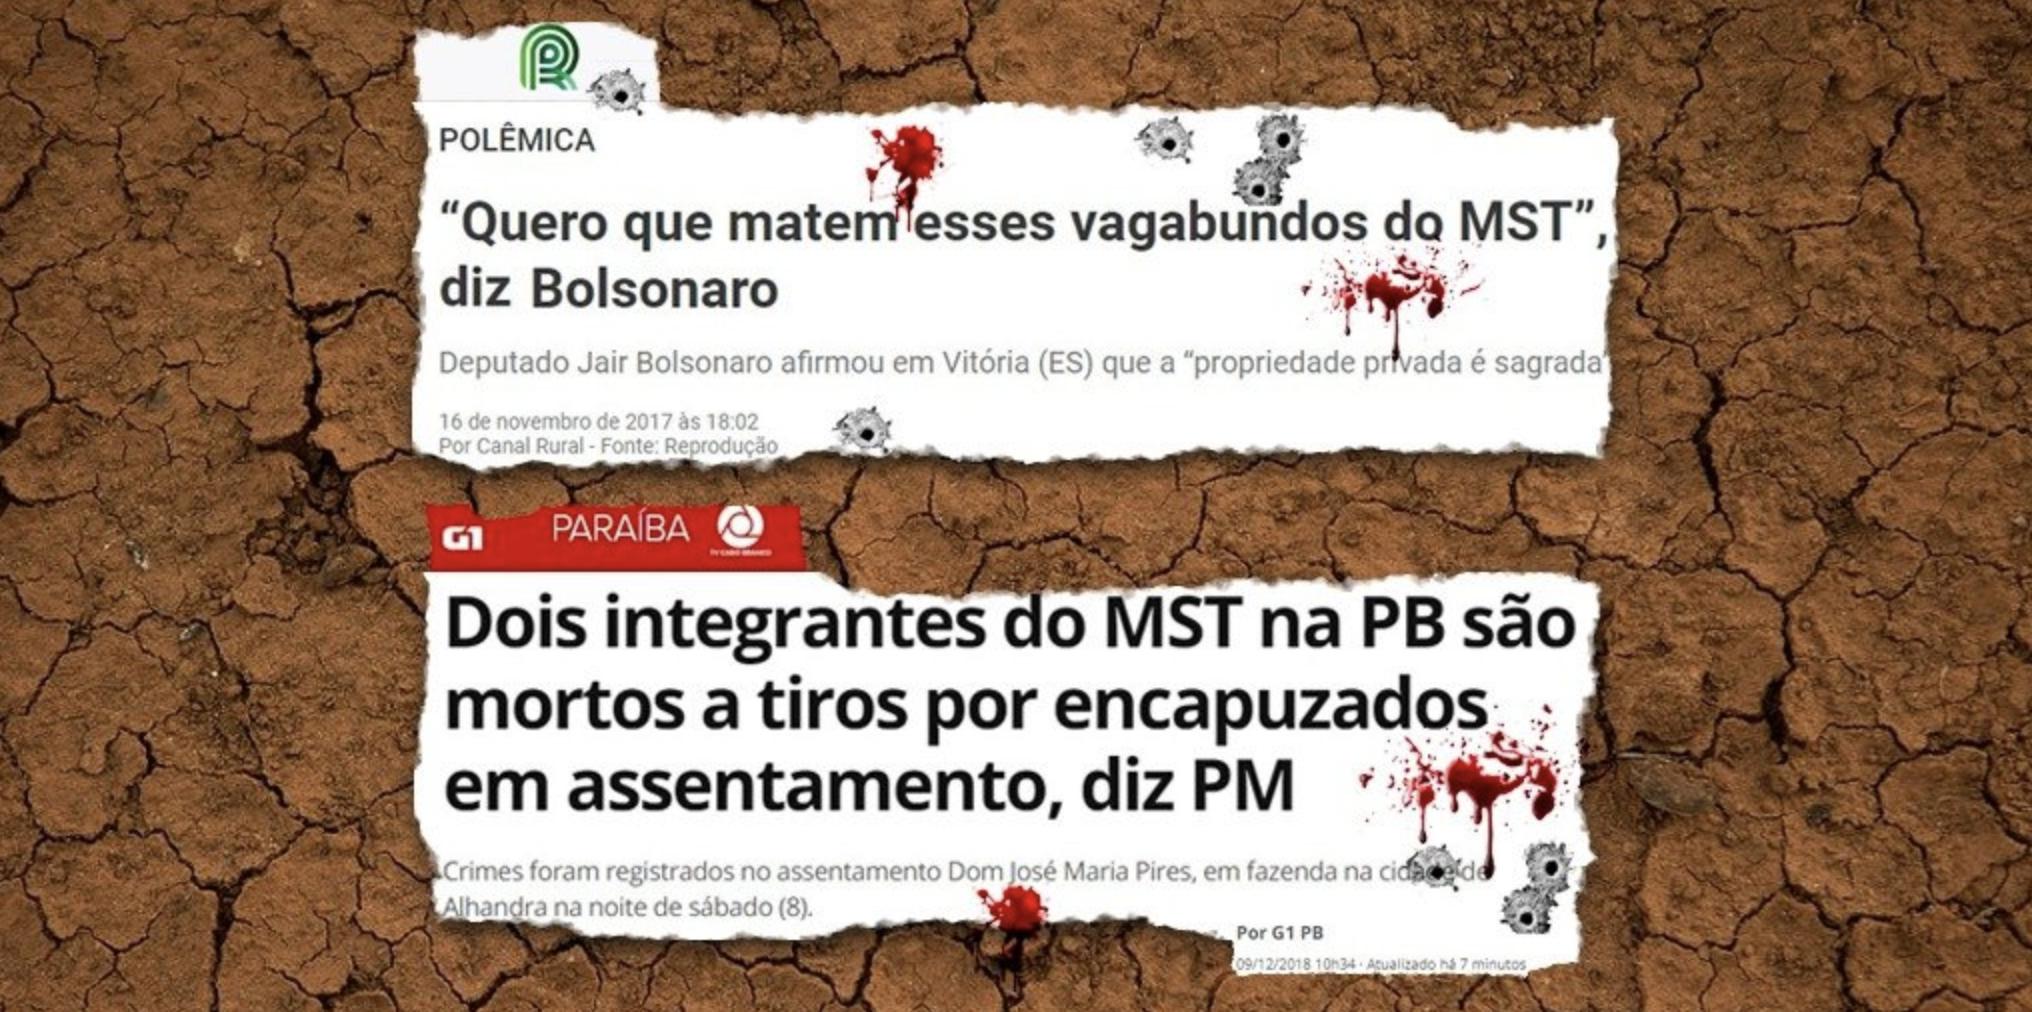 Capangas encapuzados fuzilam dois integrantes do MST na Paraíba